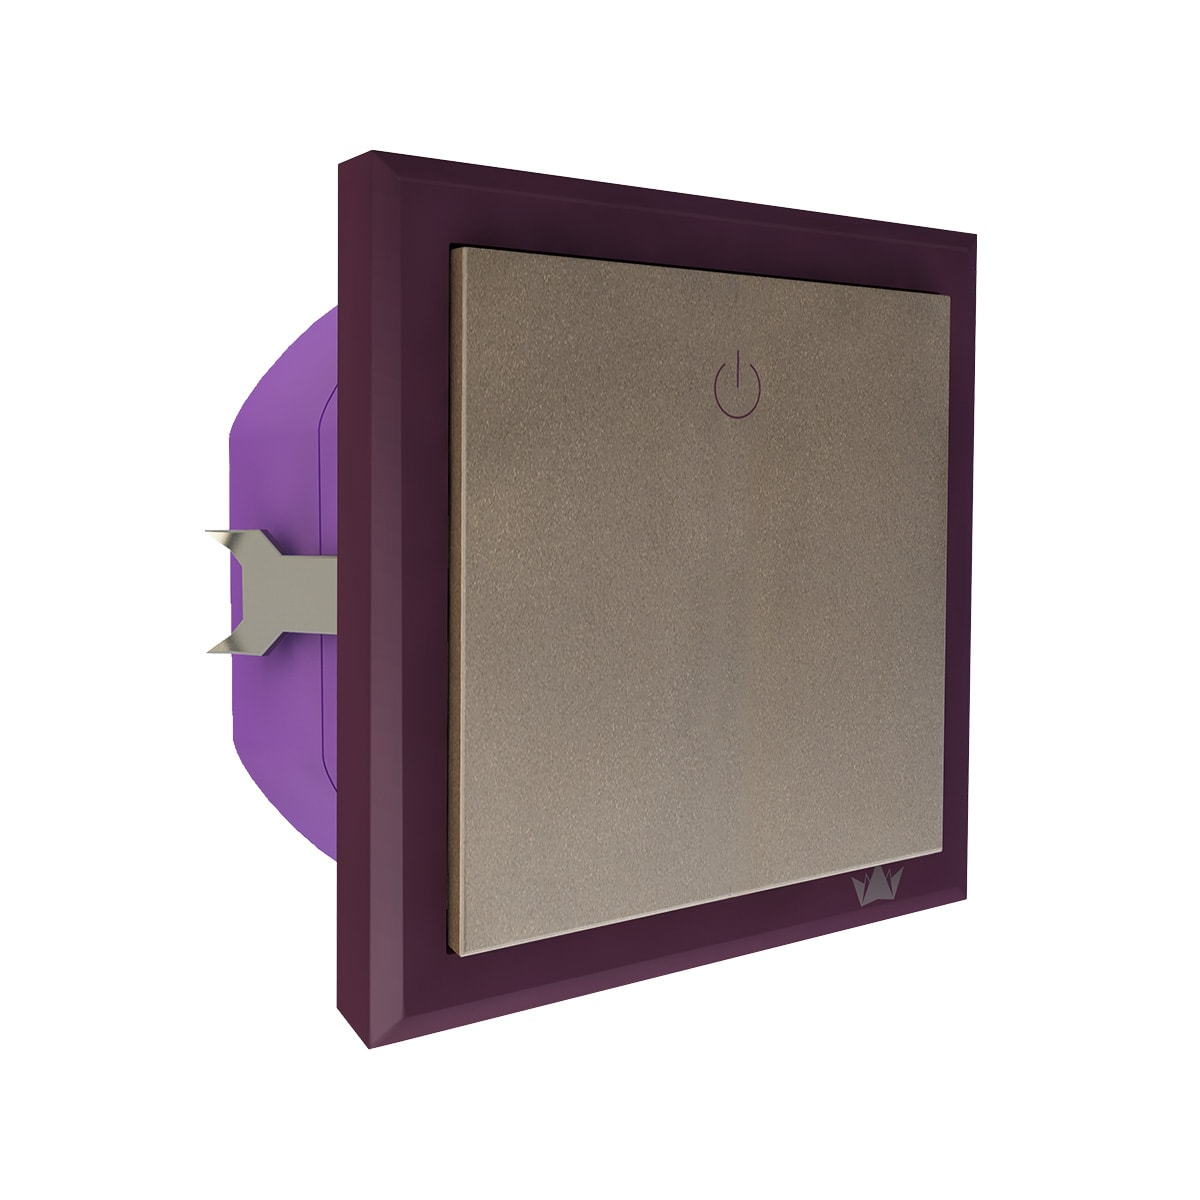 Дистанционный выключатель света Brenin Mount Switch Beige